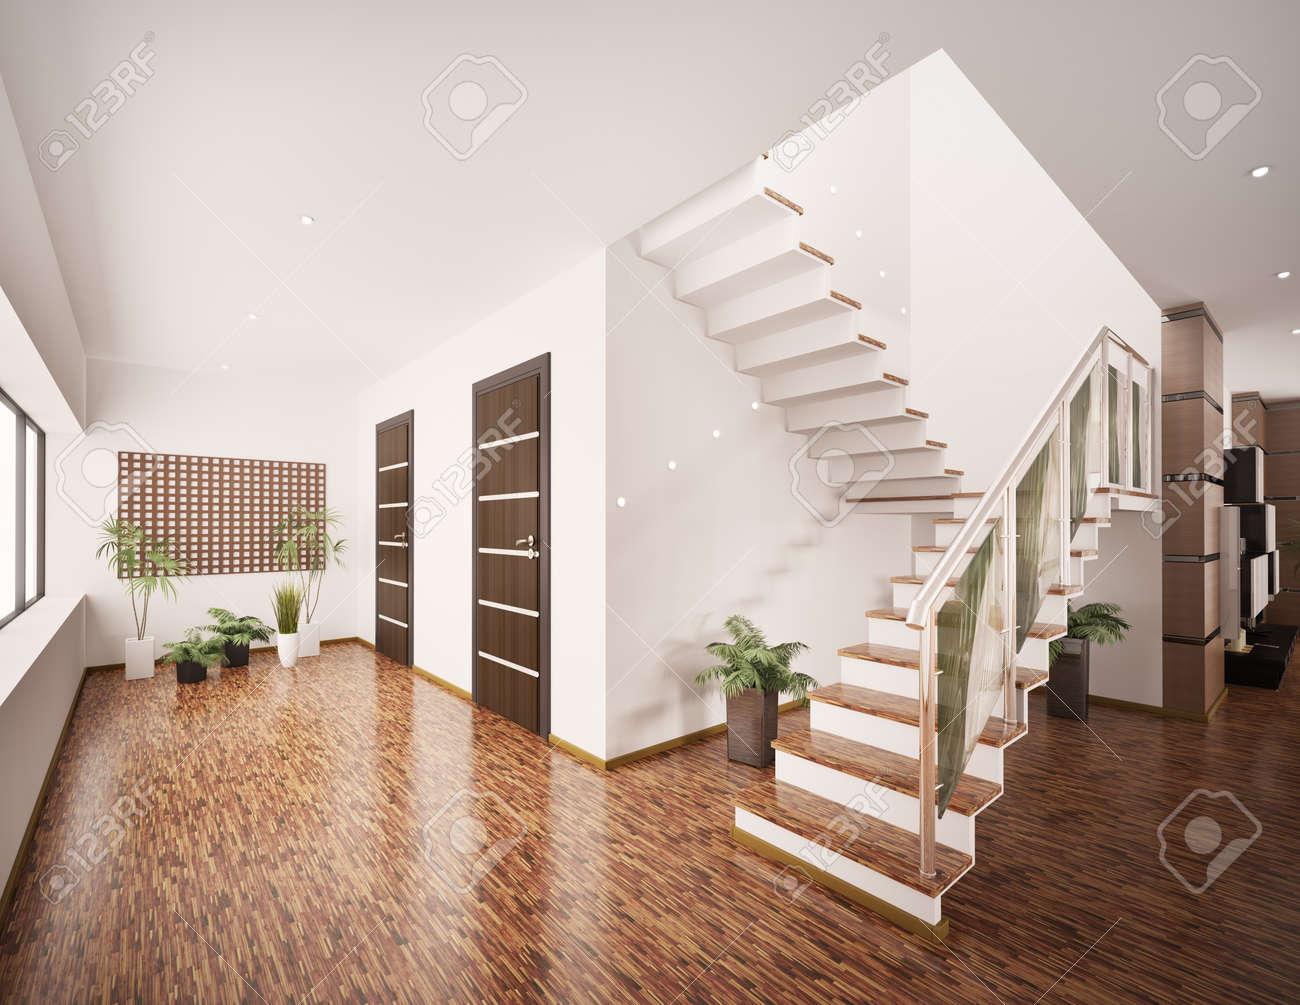 Interieur van de moderne ontvangst hal met een trap 3d render ...